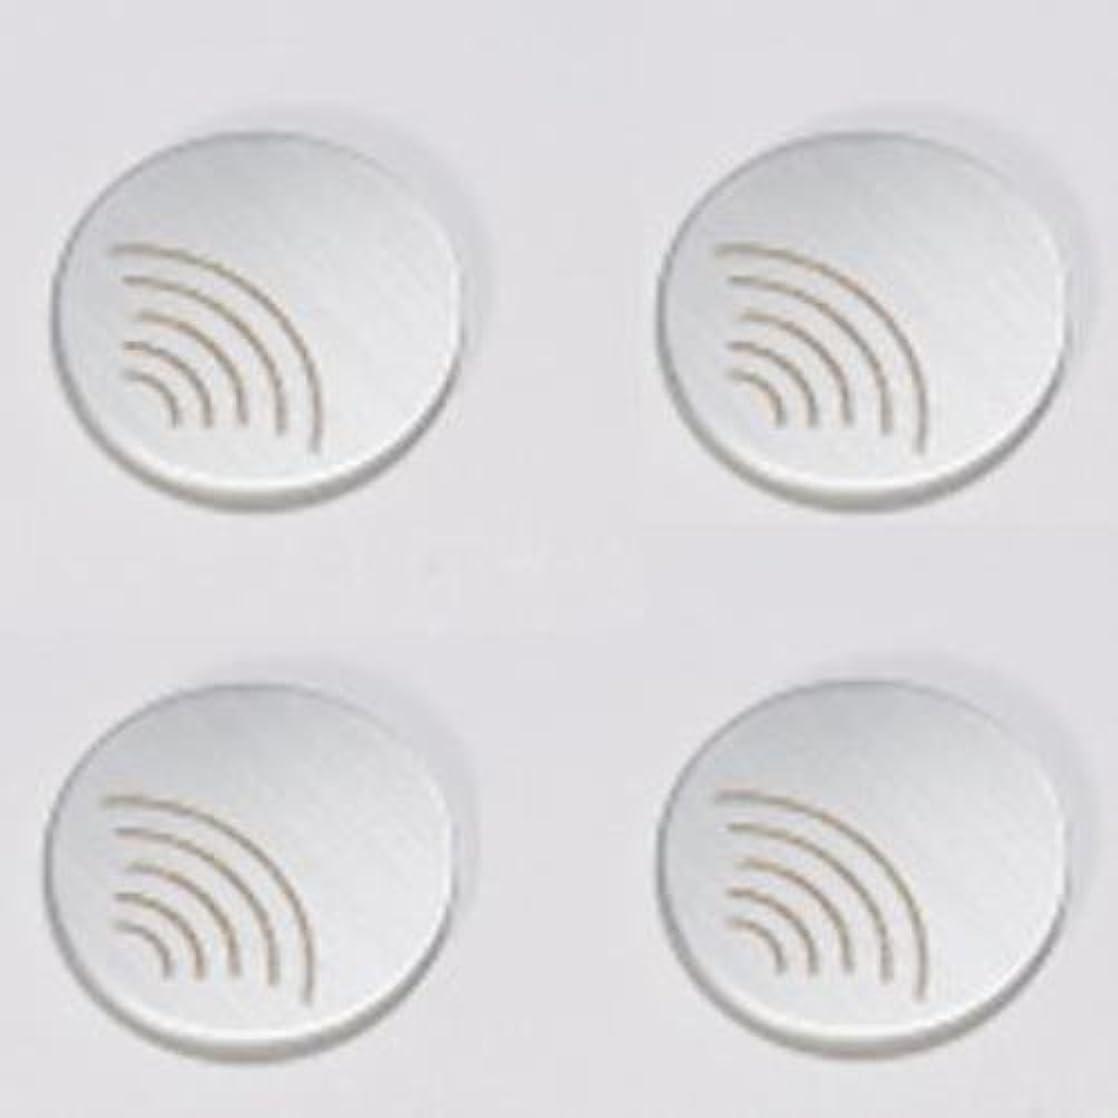 味方近代化夜明けBhado 携帯電話用 1g 4個セット